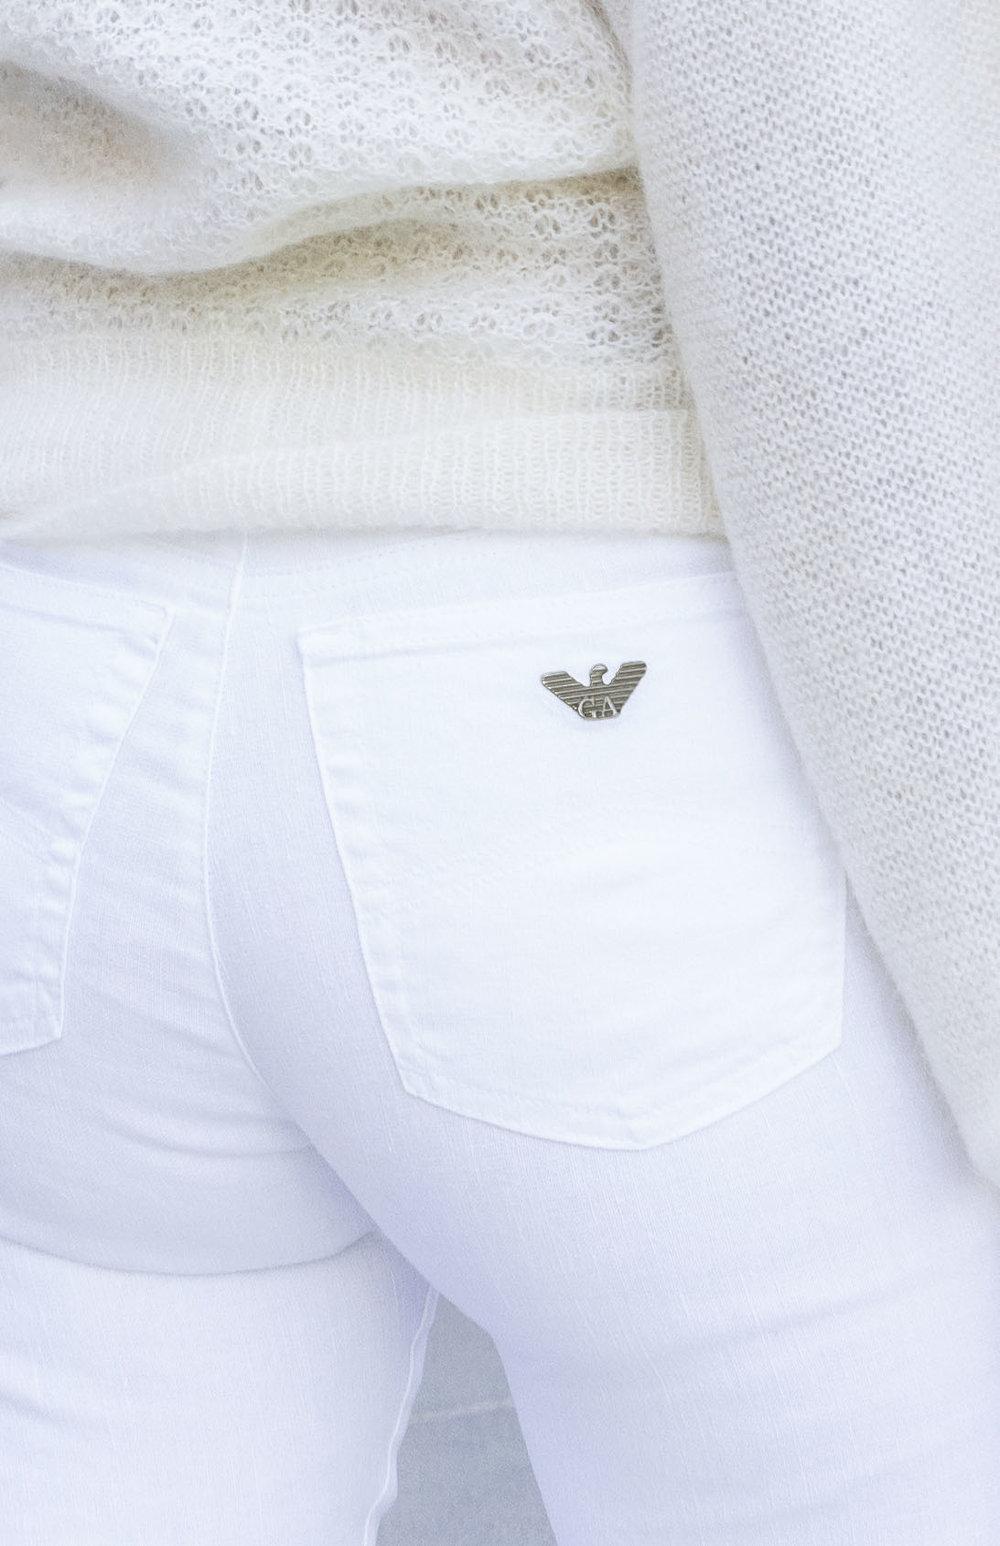 moth-oddities-italian-vintage-troviamo-lookbook-31.jpg